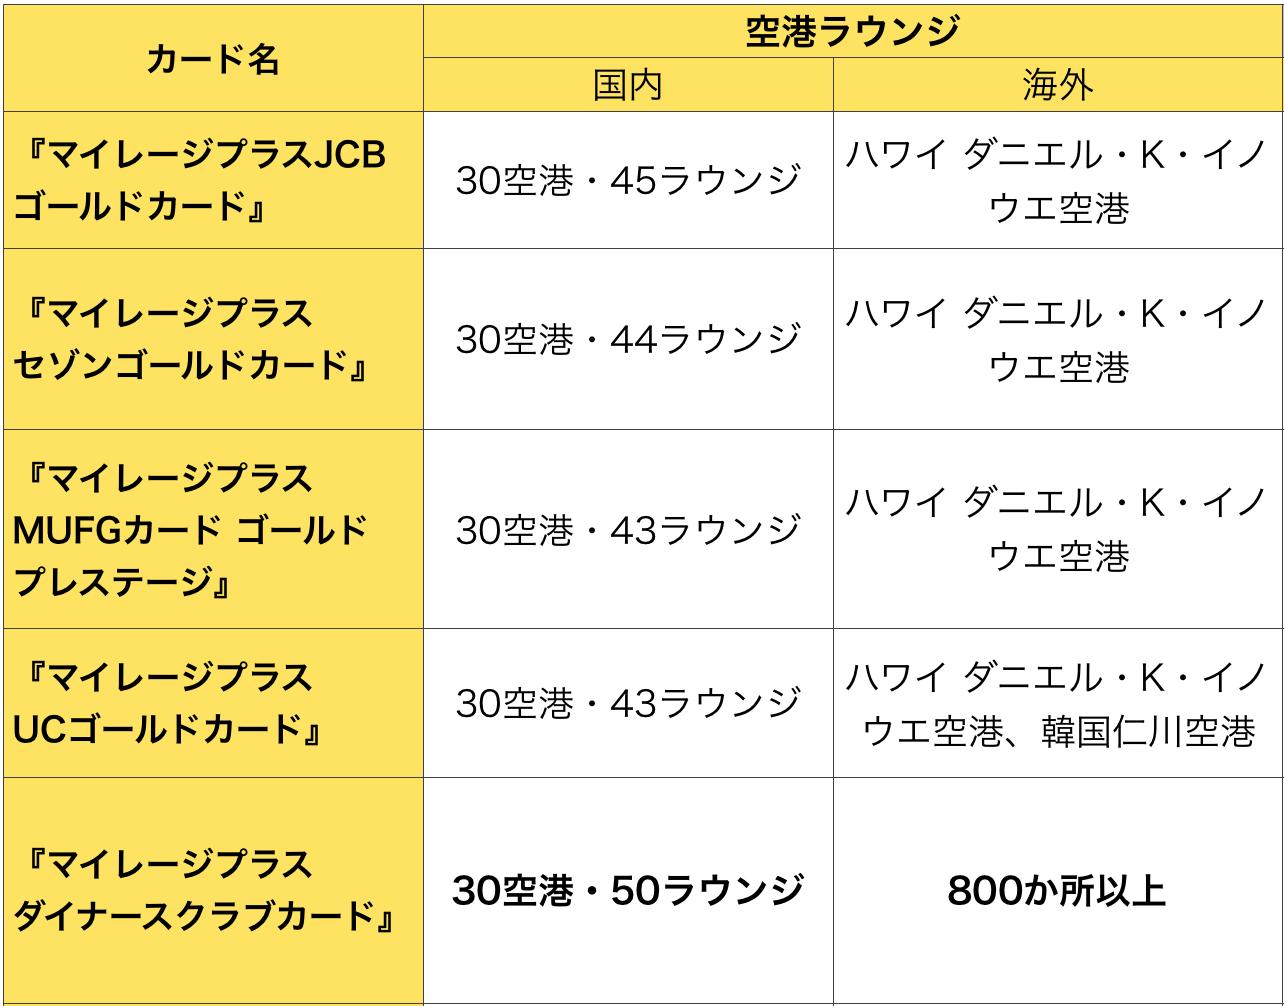 マイレージプラスのゴールドカードで利用できる空港ラウンジ(2019年6月14日版)